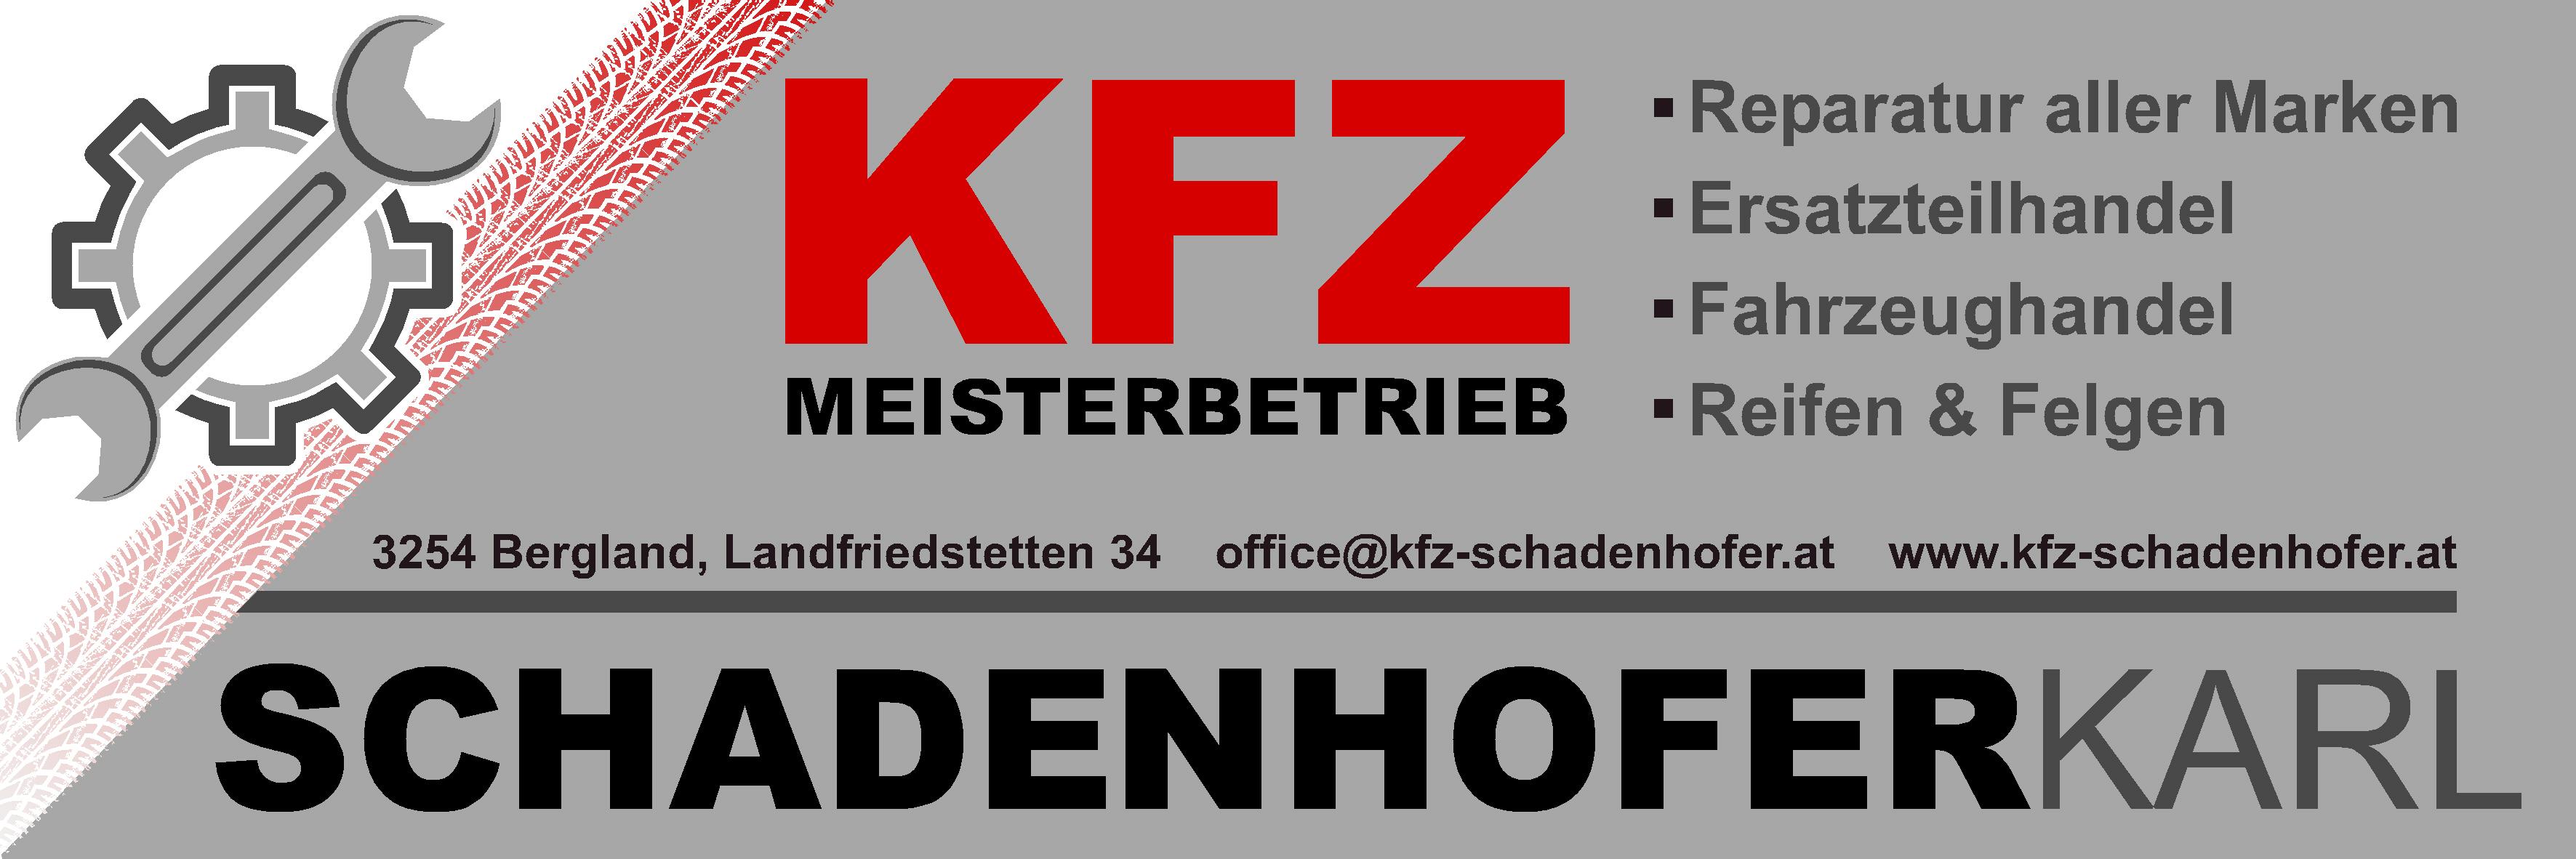 KFZ Schadenhofer